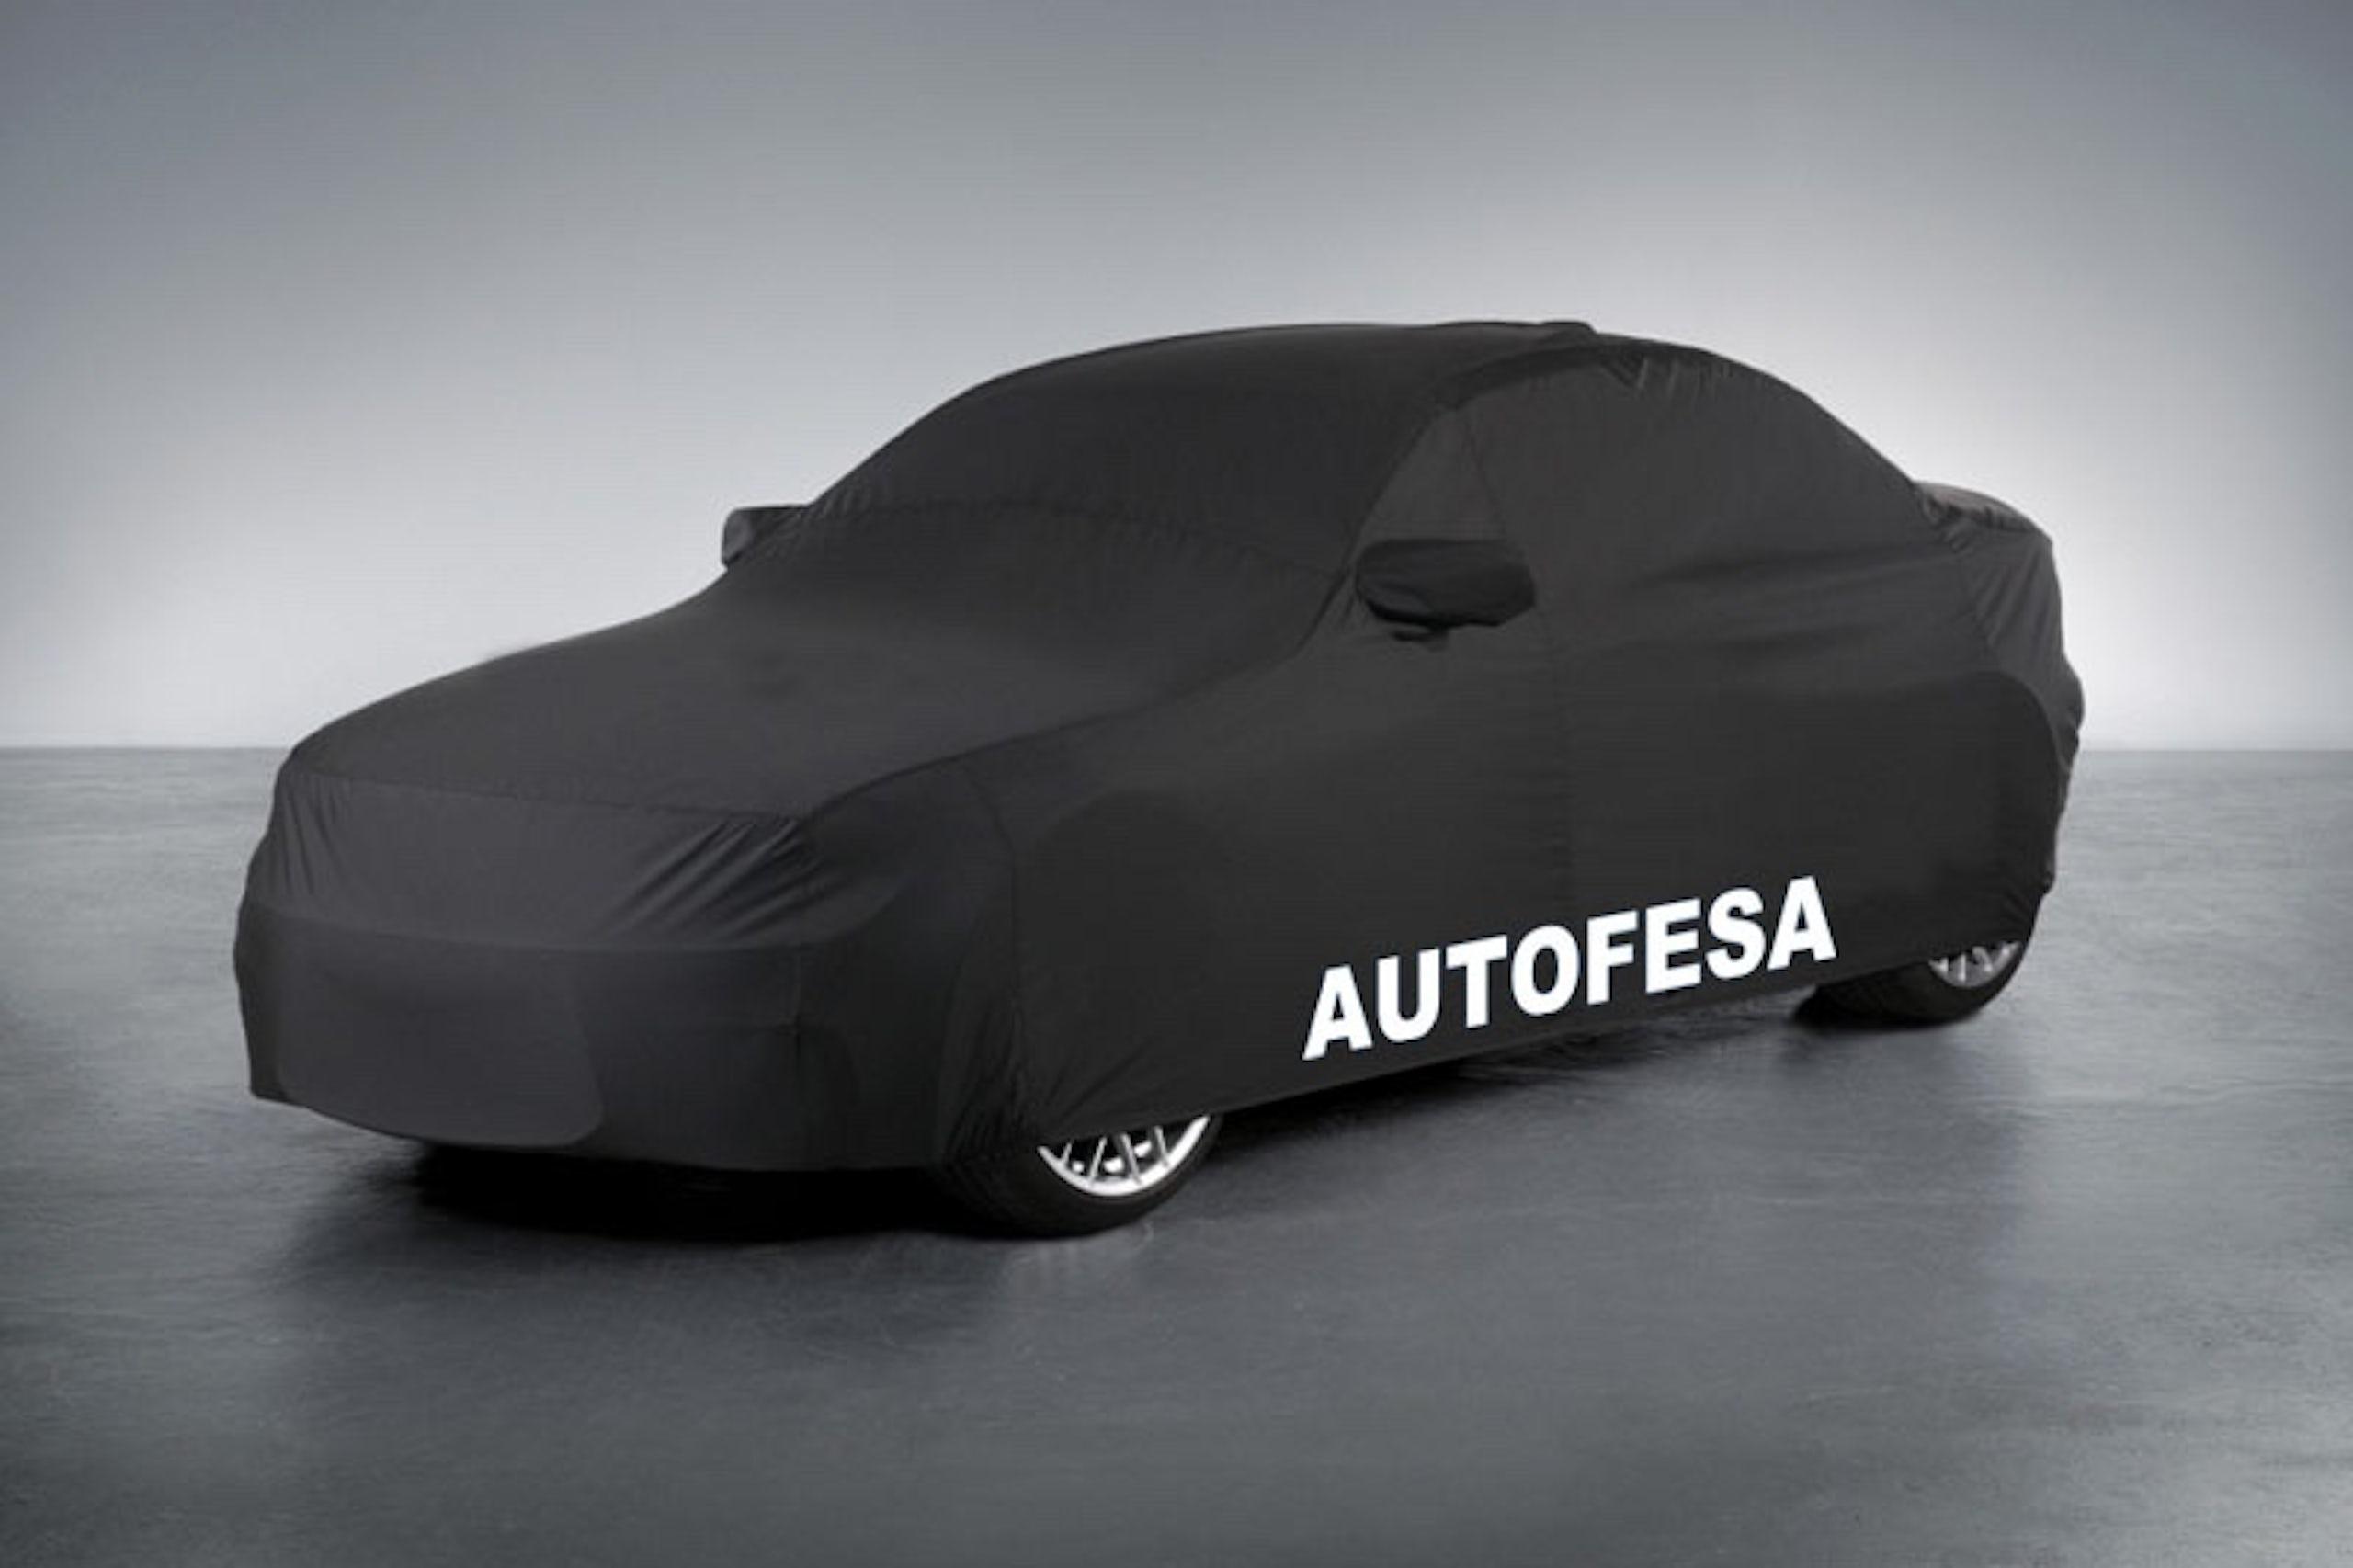 Audi A4 Avant 2.0 TDI 150cv Auto 5p S/S - Foto 27